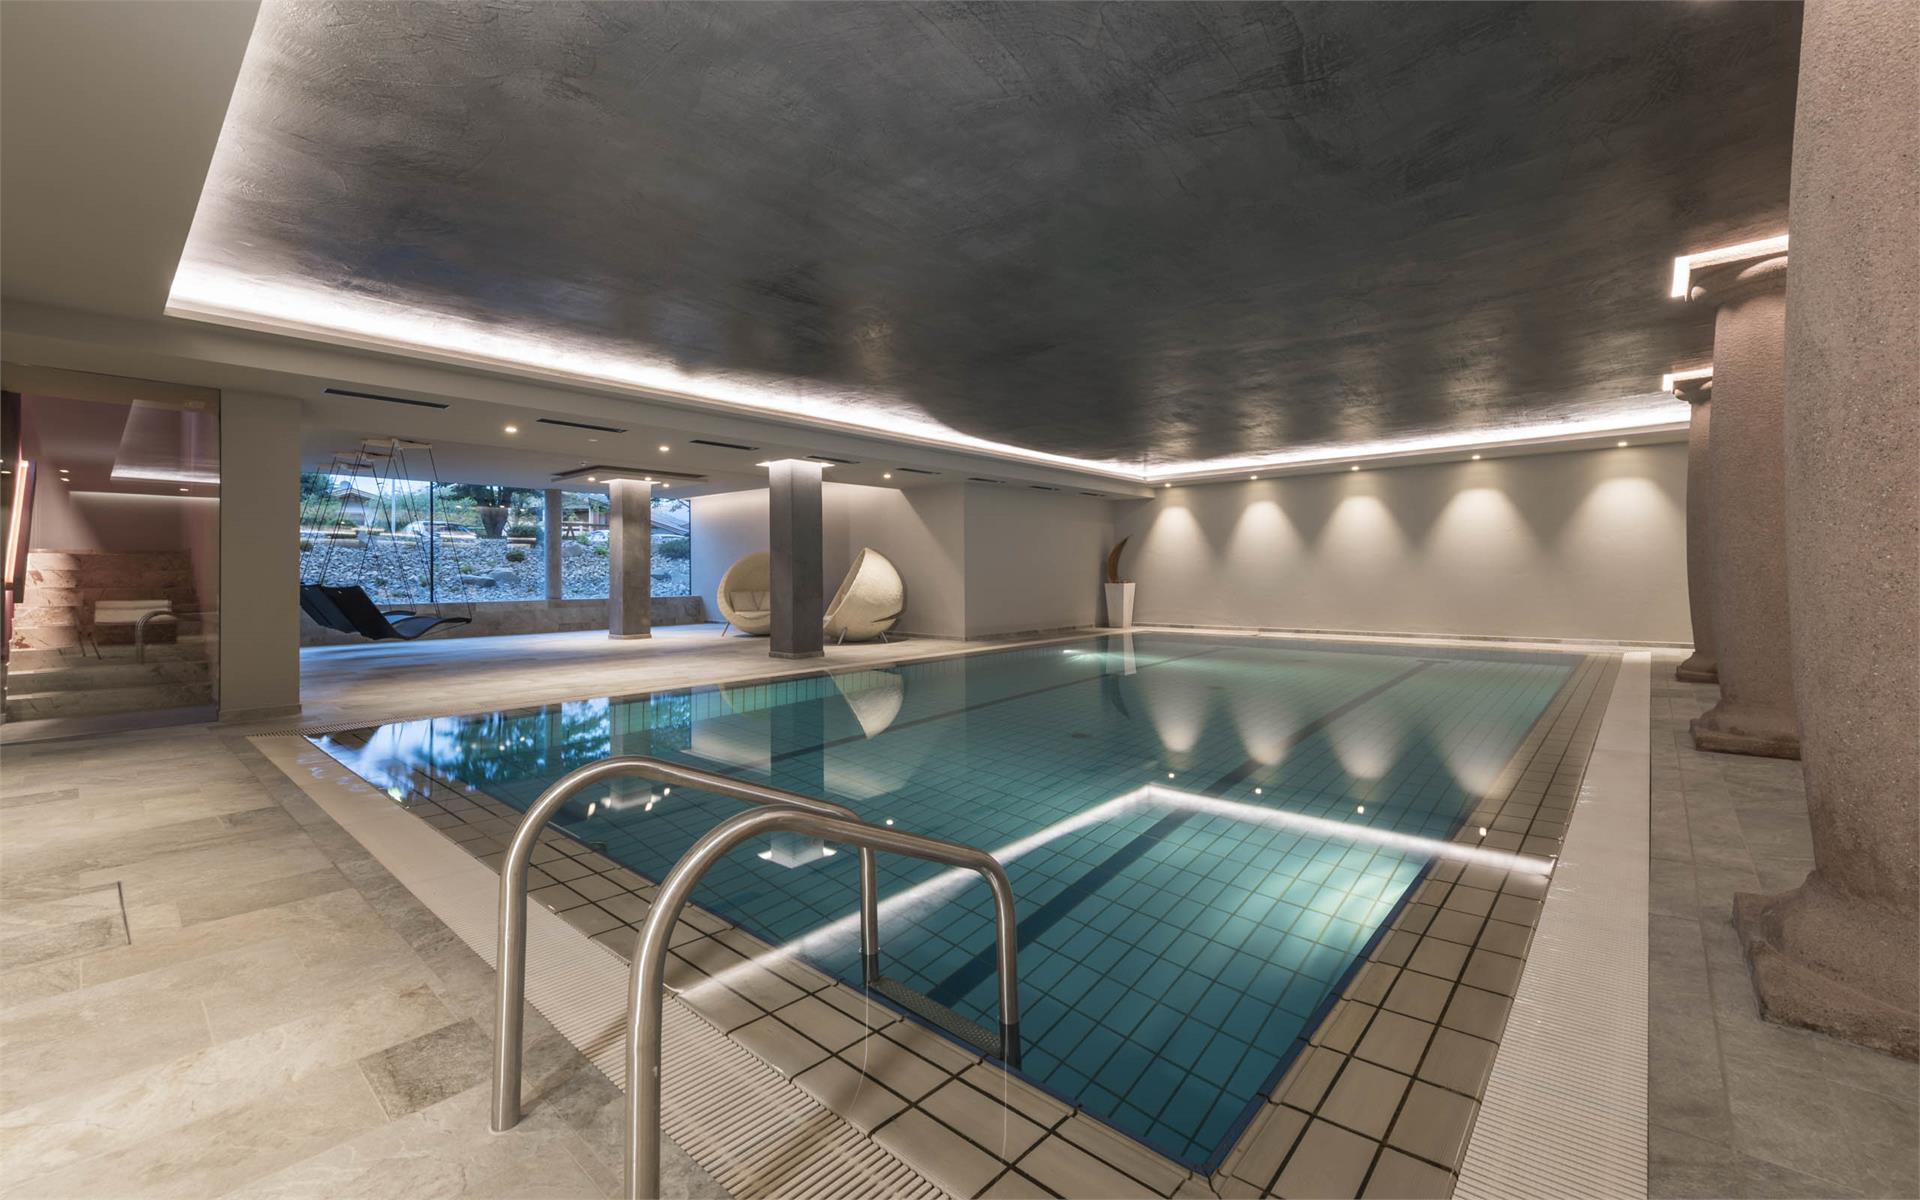 Indoorpool 7 x 12 m